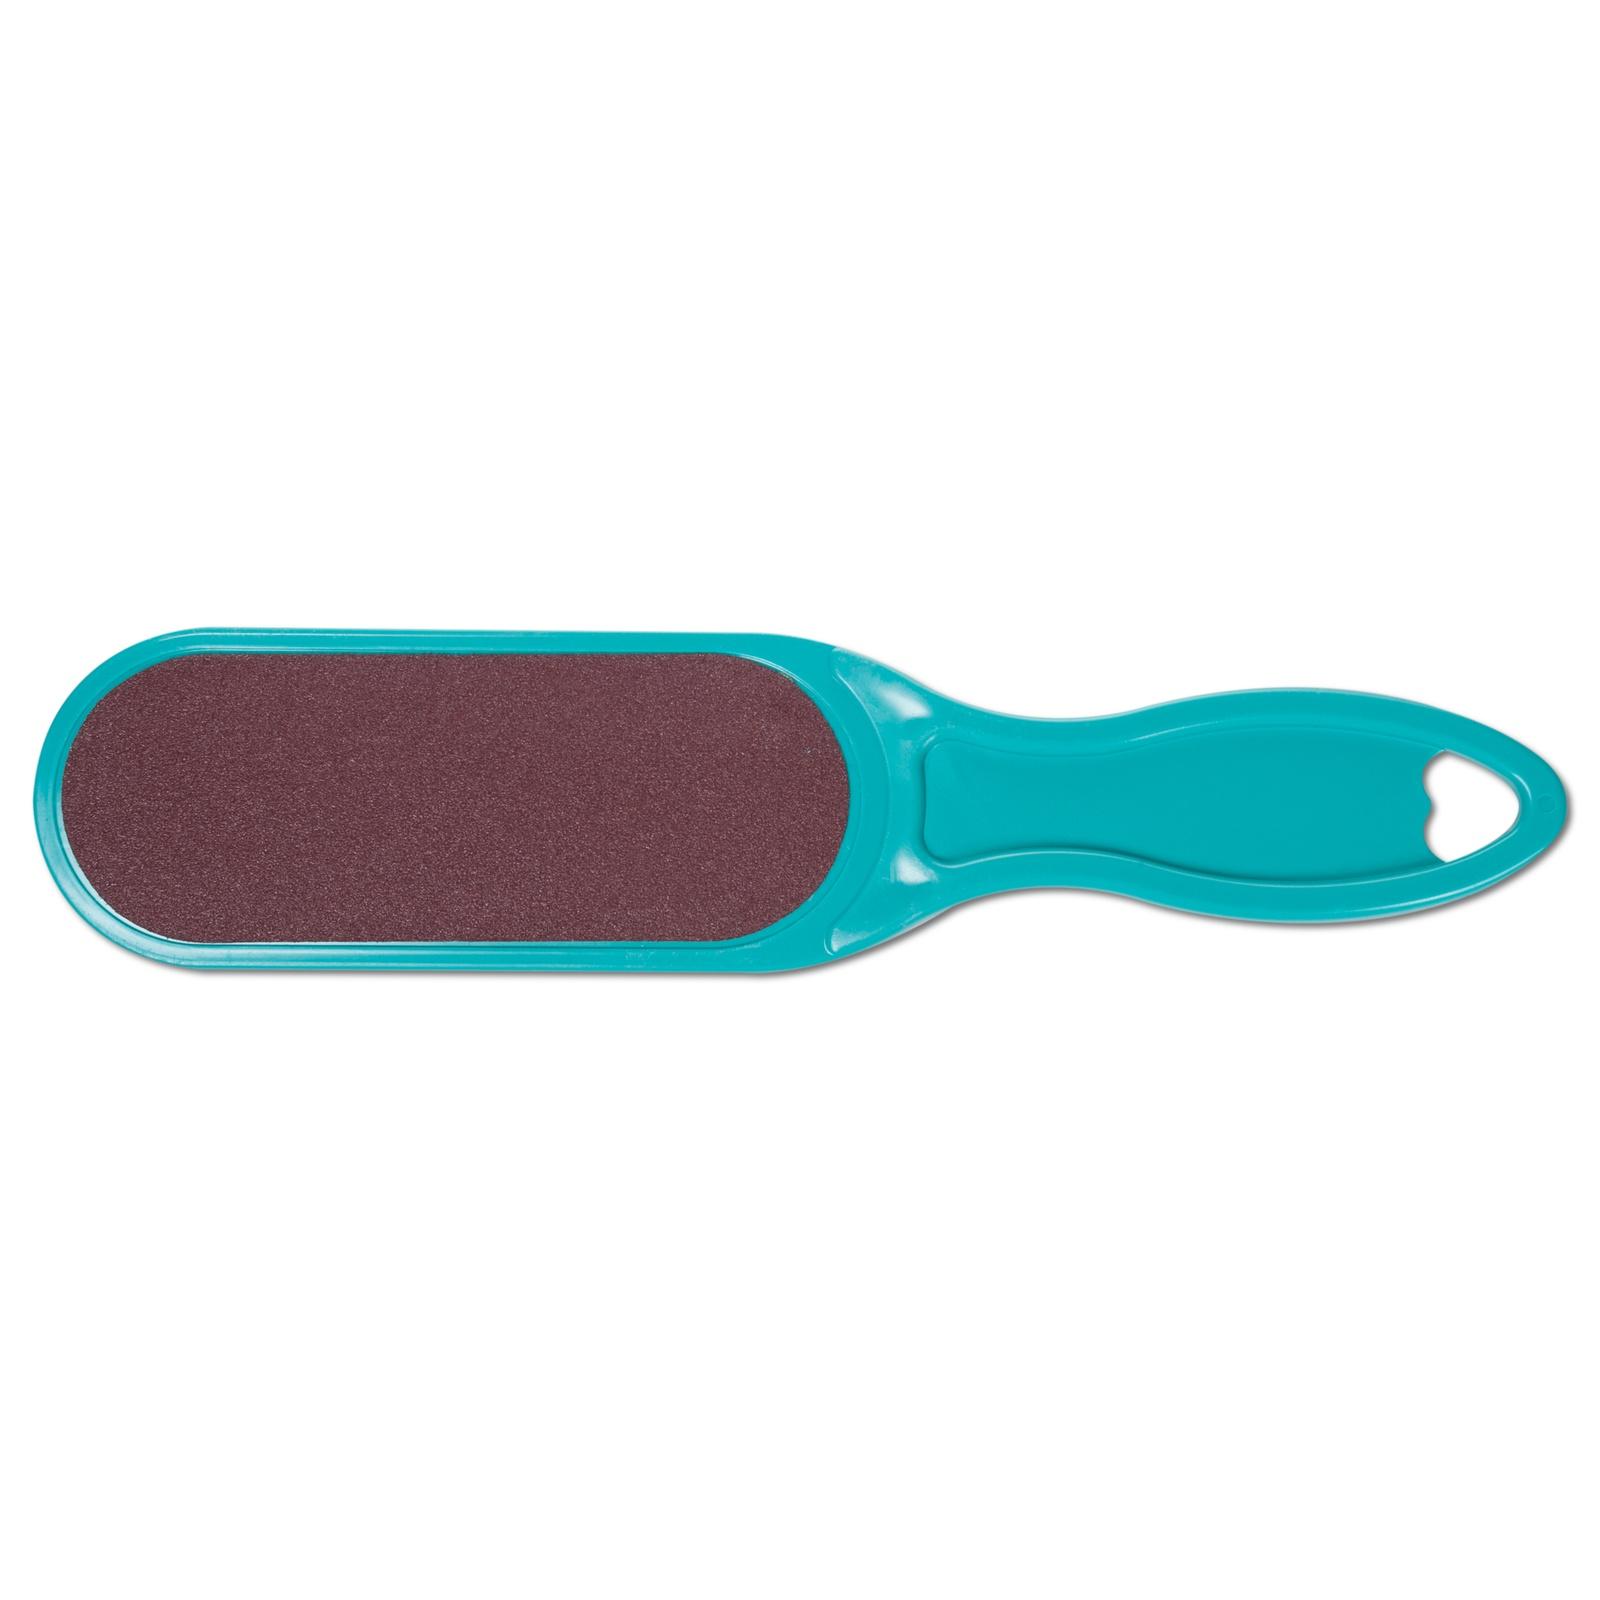 Терка педикюрная Domix Green Professional 385715 абразивная педикюрная двусторонняя с пластиковой ручкой. domix крем скраб с серебром dgp 500мл